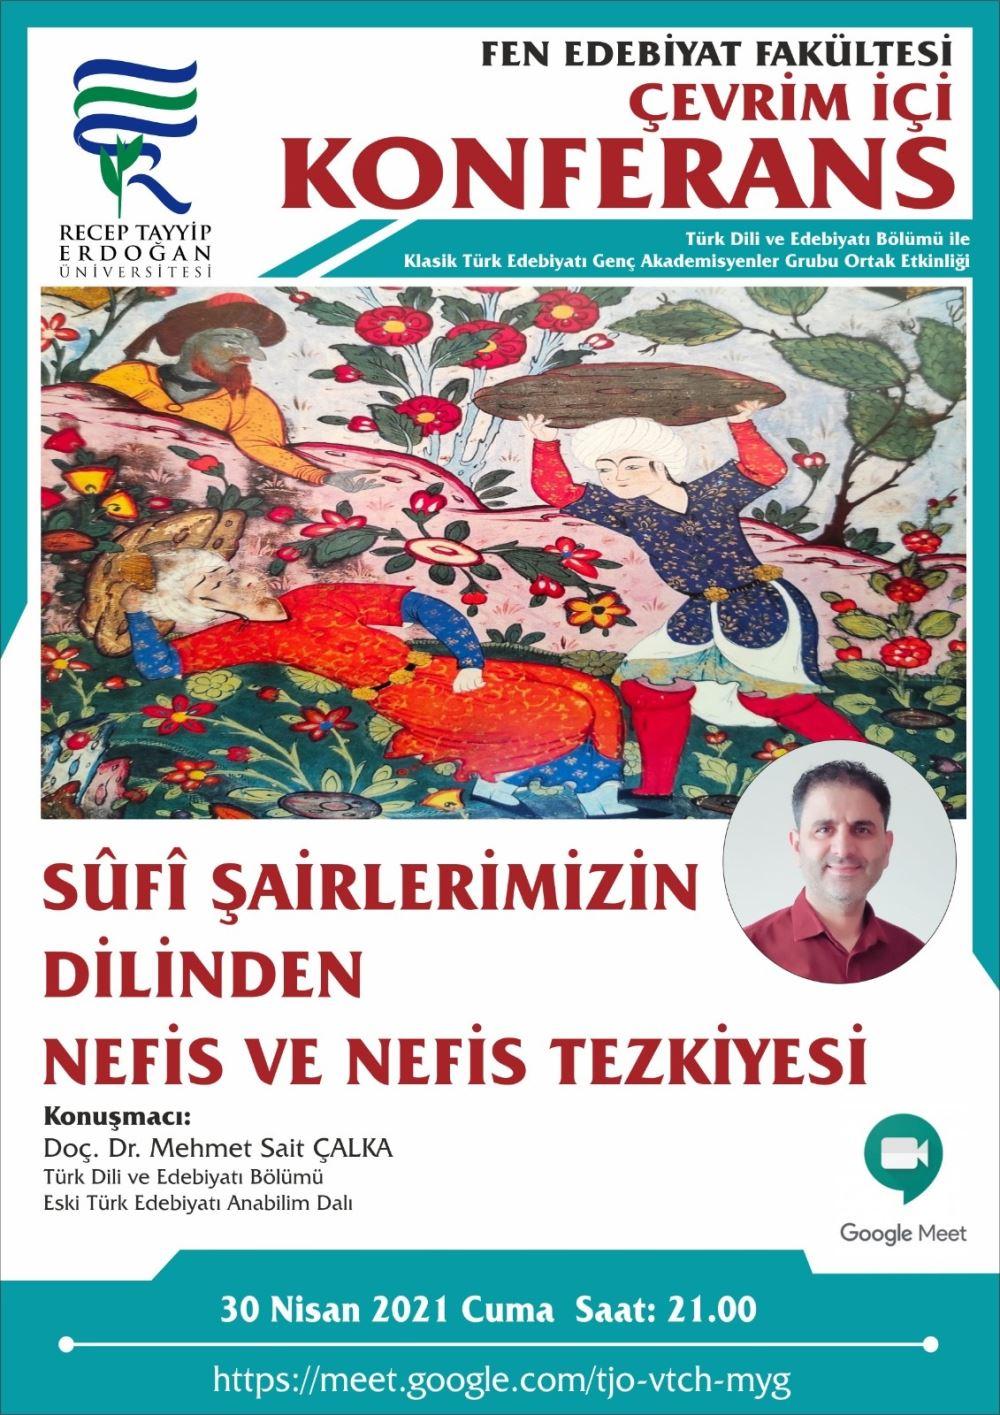 Sufi Şairlerimizin Dilinden Nefis ve Nefis Tezkiyesi